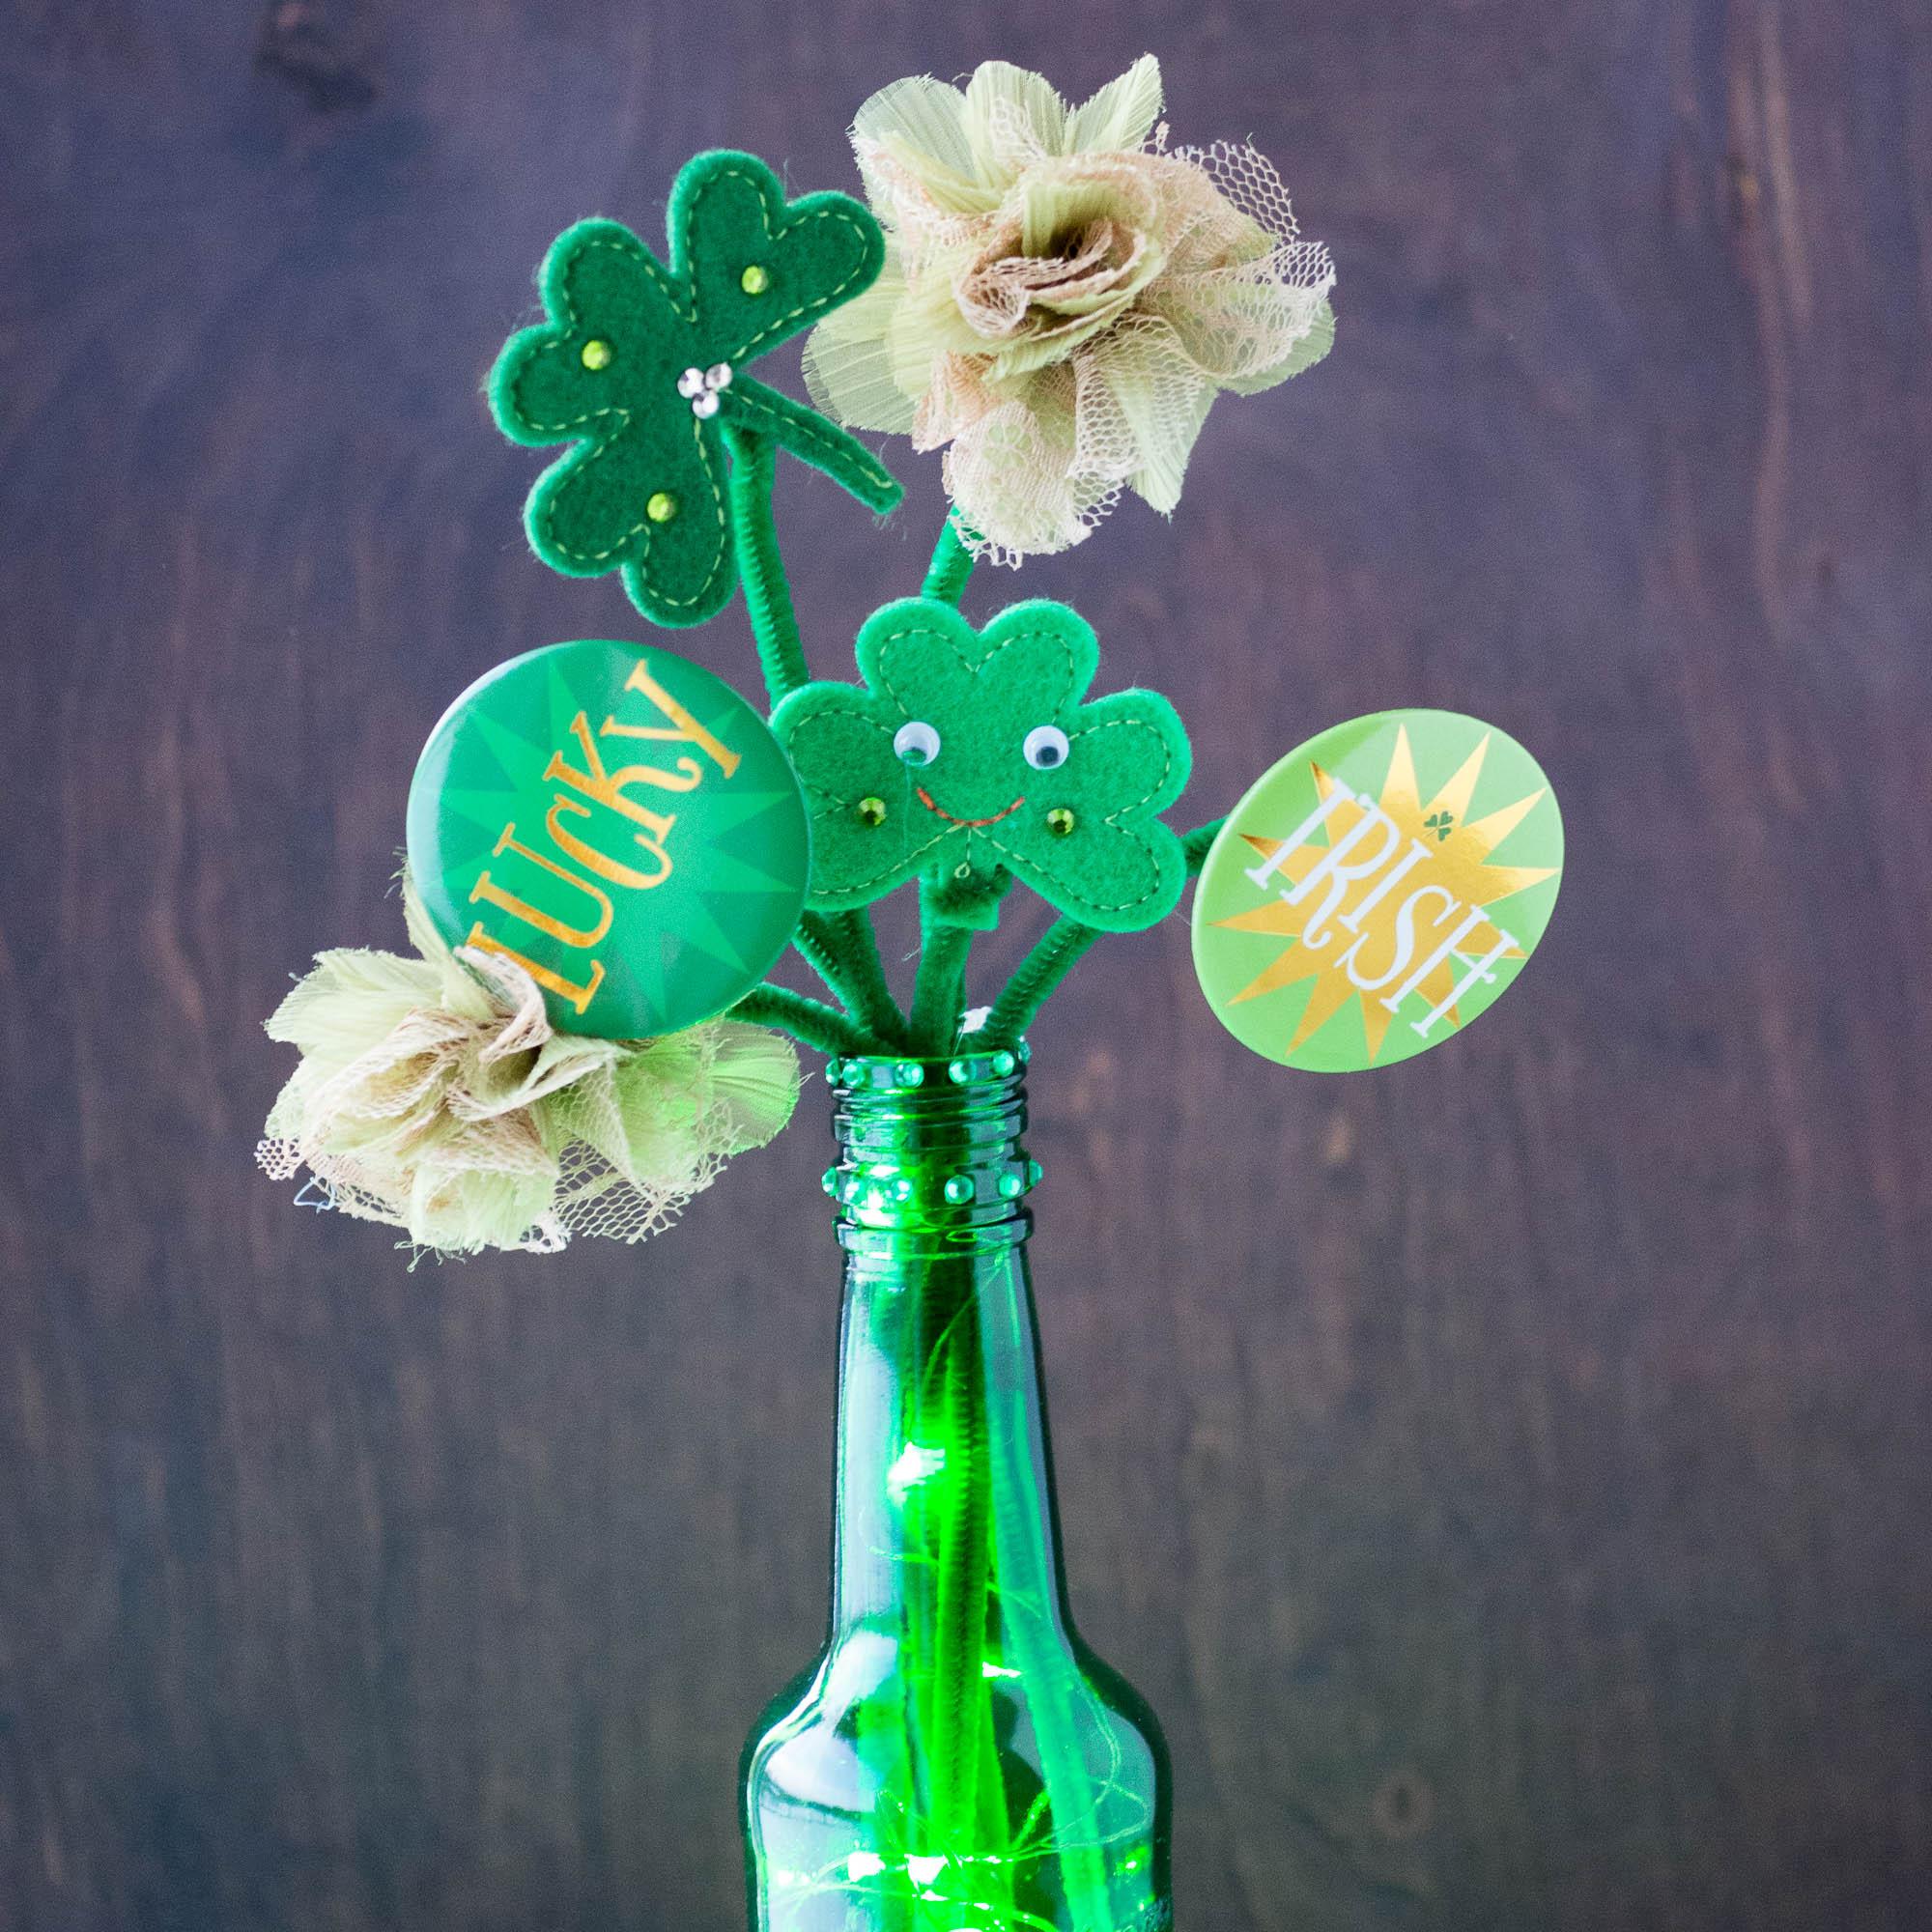 Easy St. Patrick's Day Centerpiece | DIY Centerpiece | Wine Bottle Crafts | St. Patrick's Day LED Light Crafts